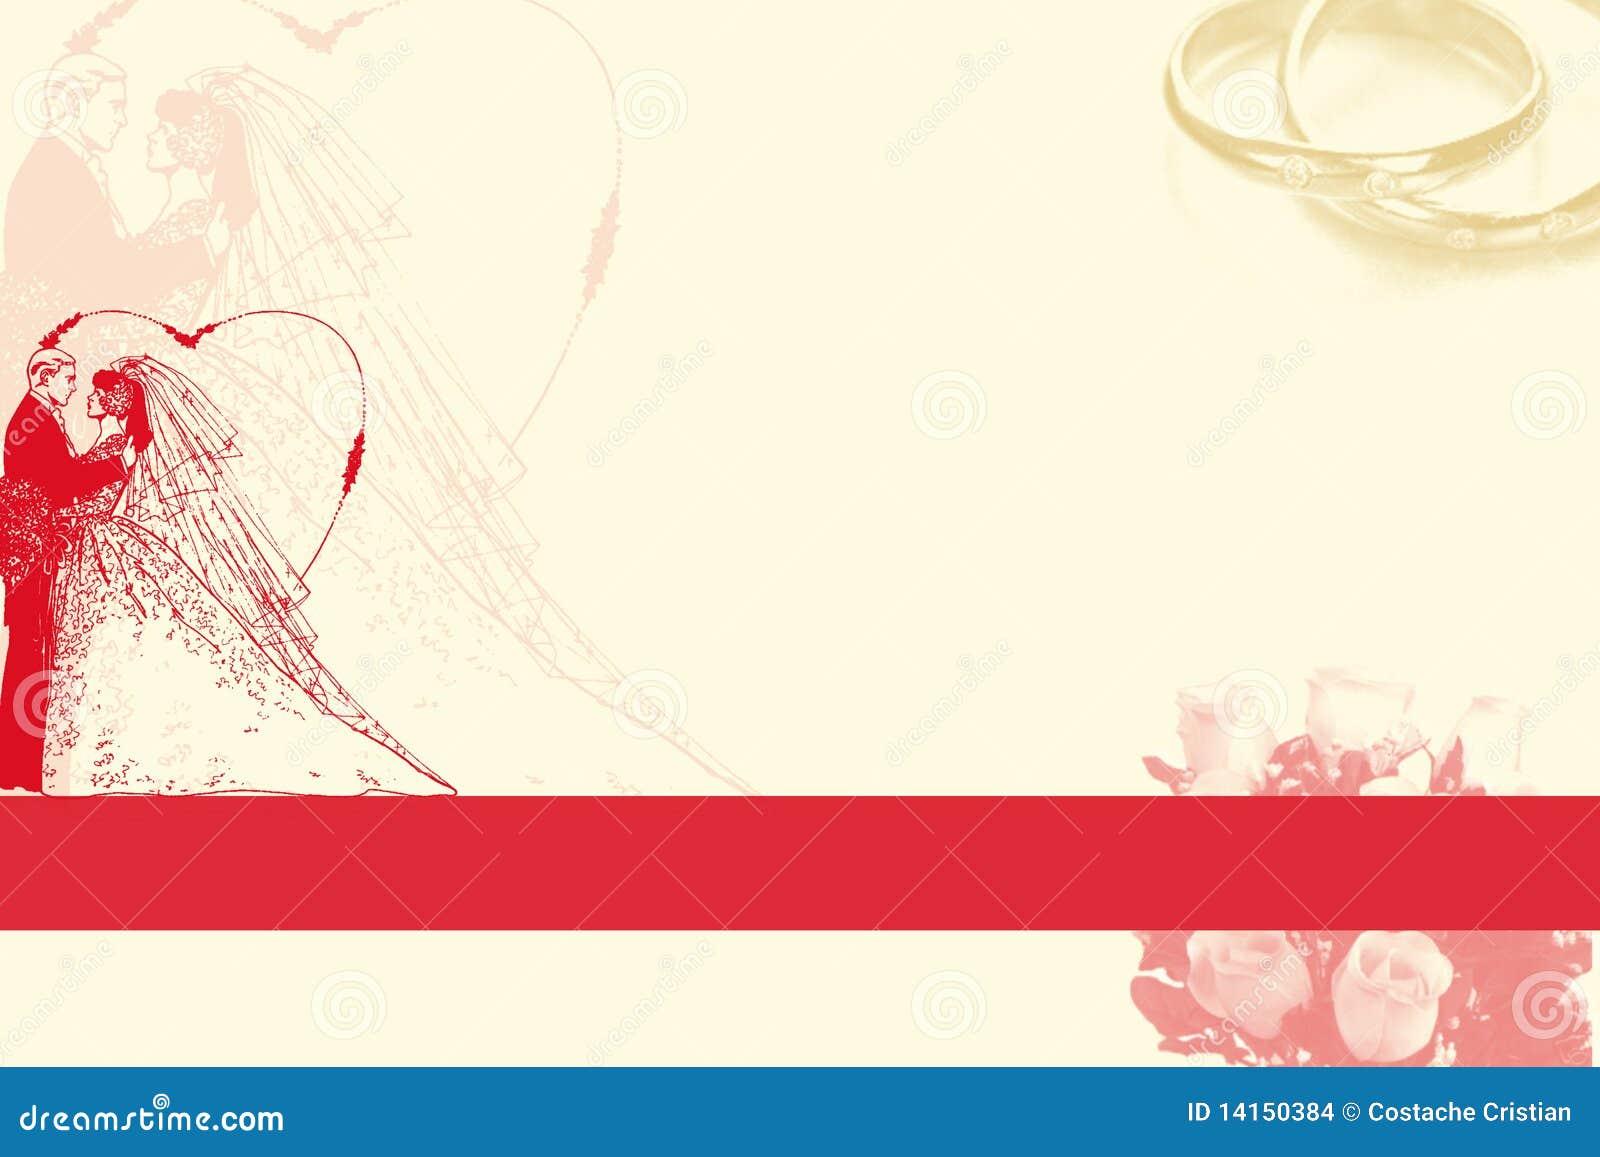 wedding background stock photography - photo #46